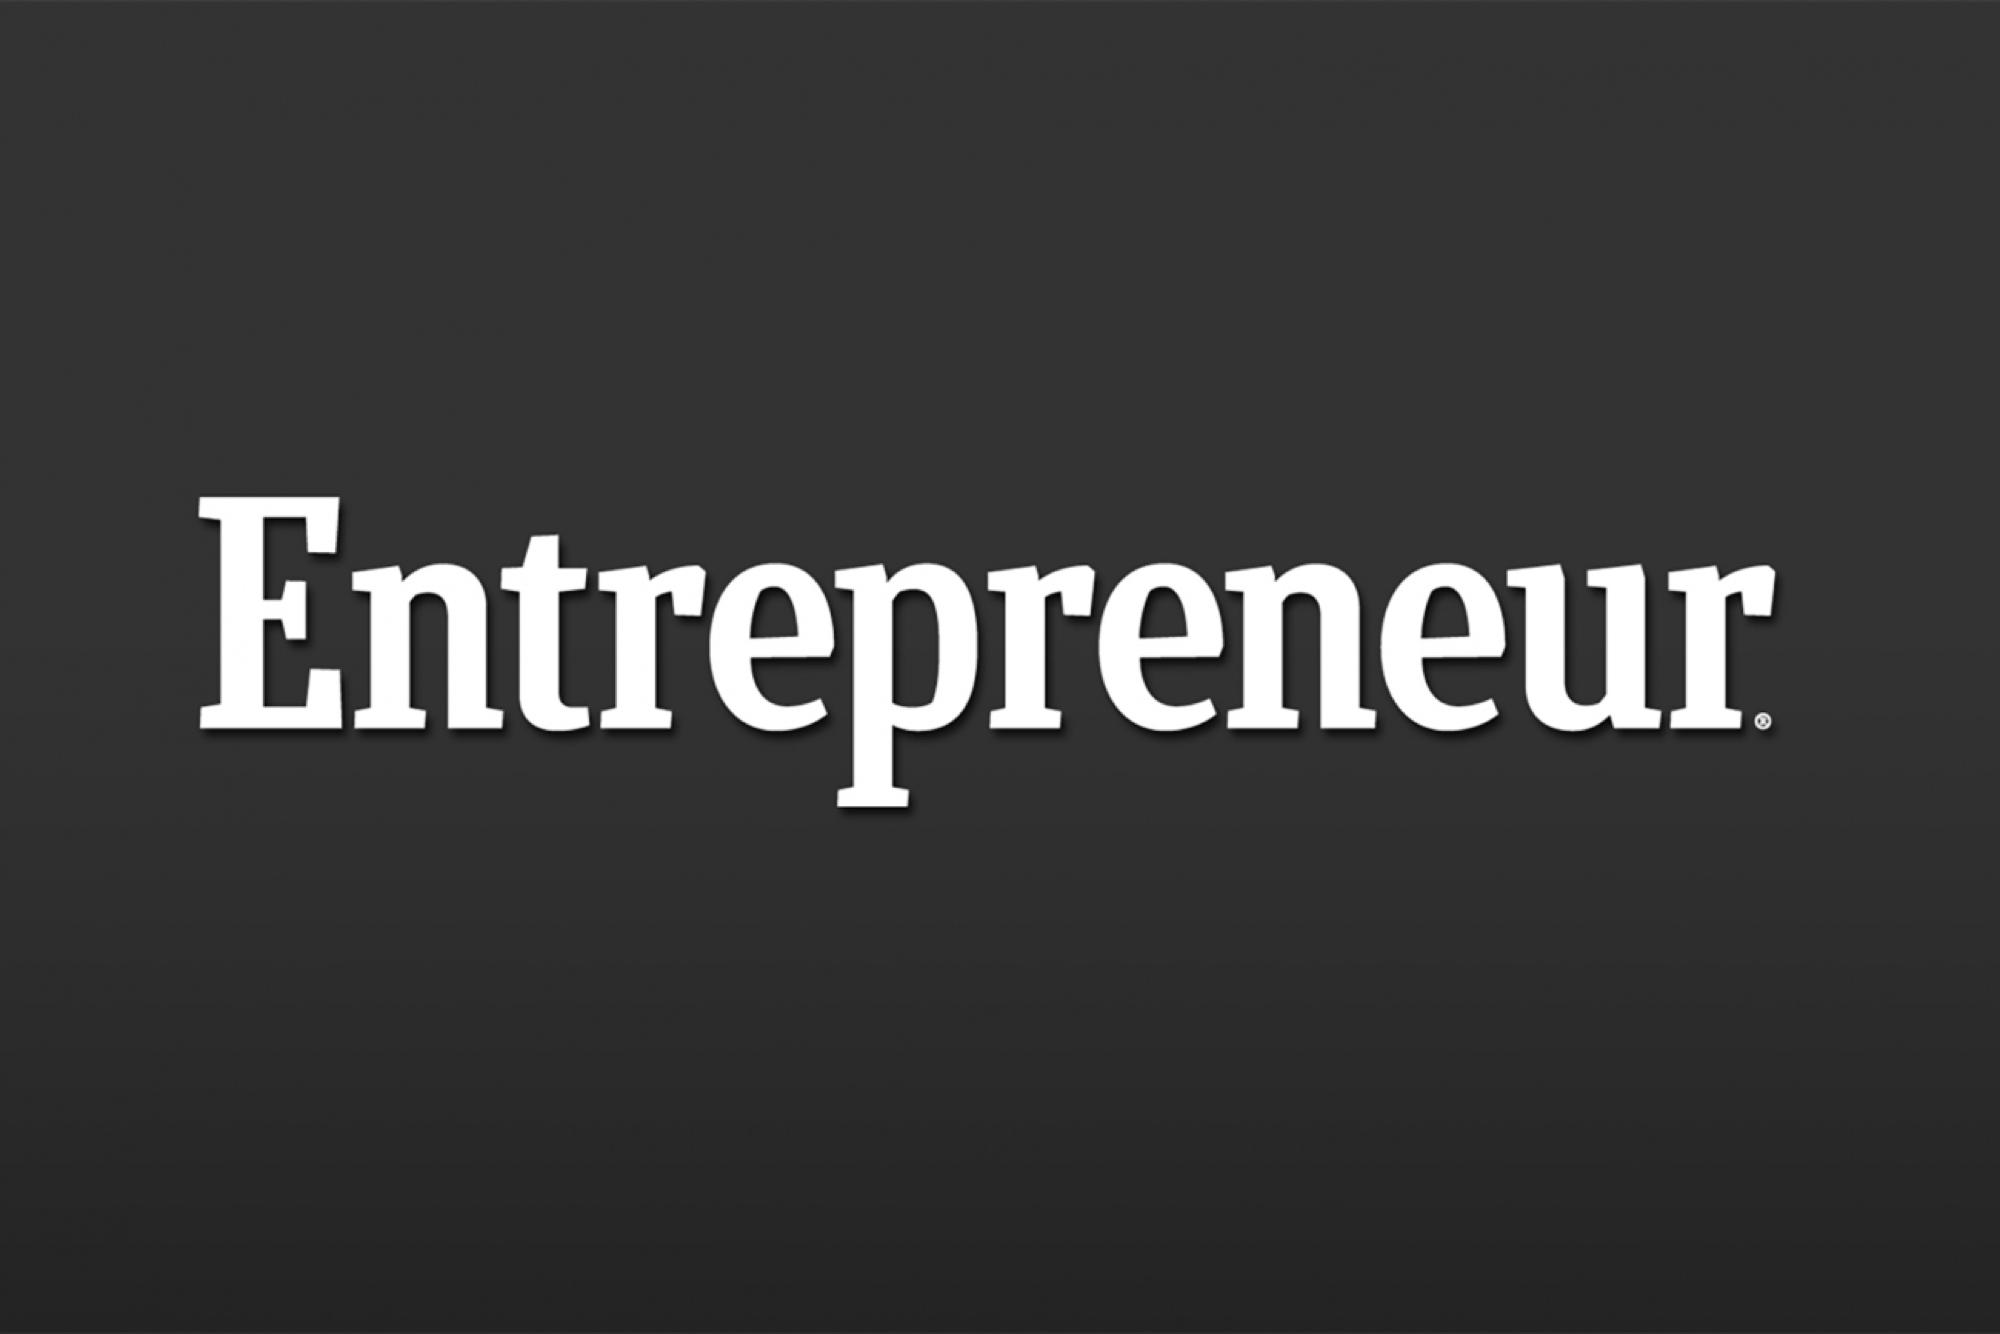 20160408155709-default-hero-entrepreneur-1.png